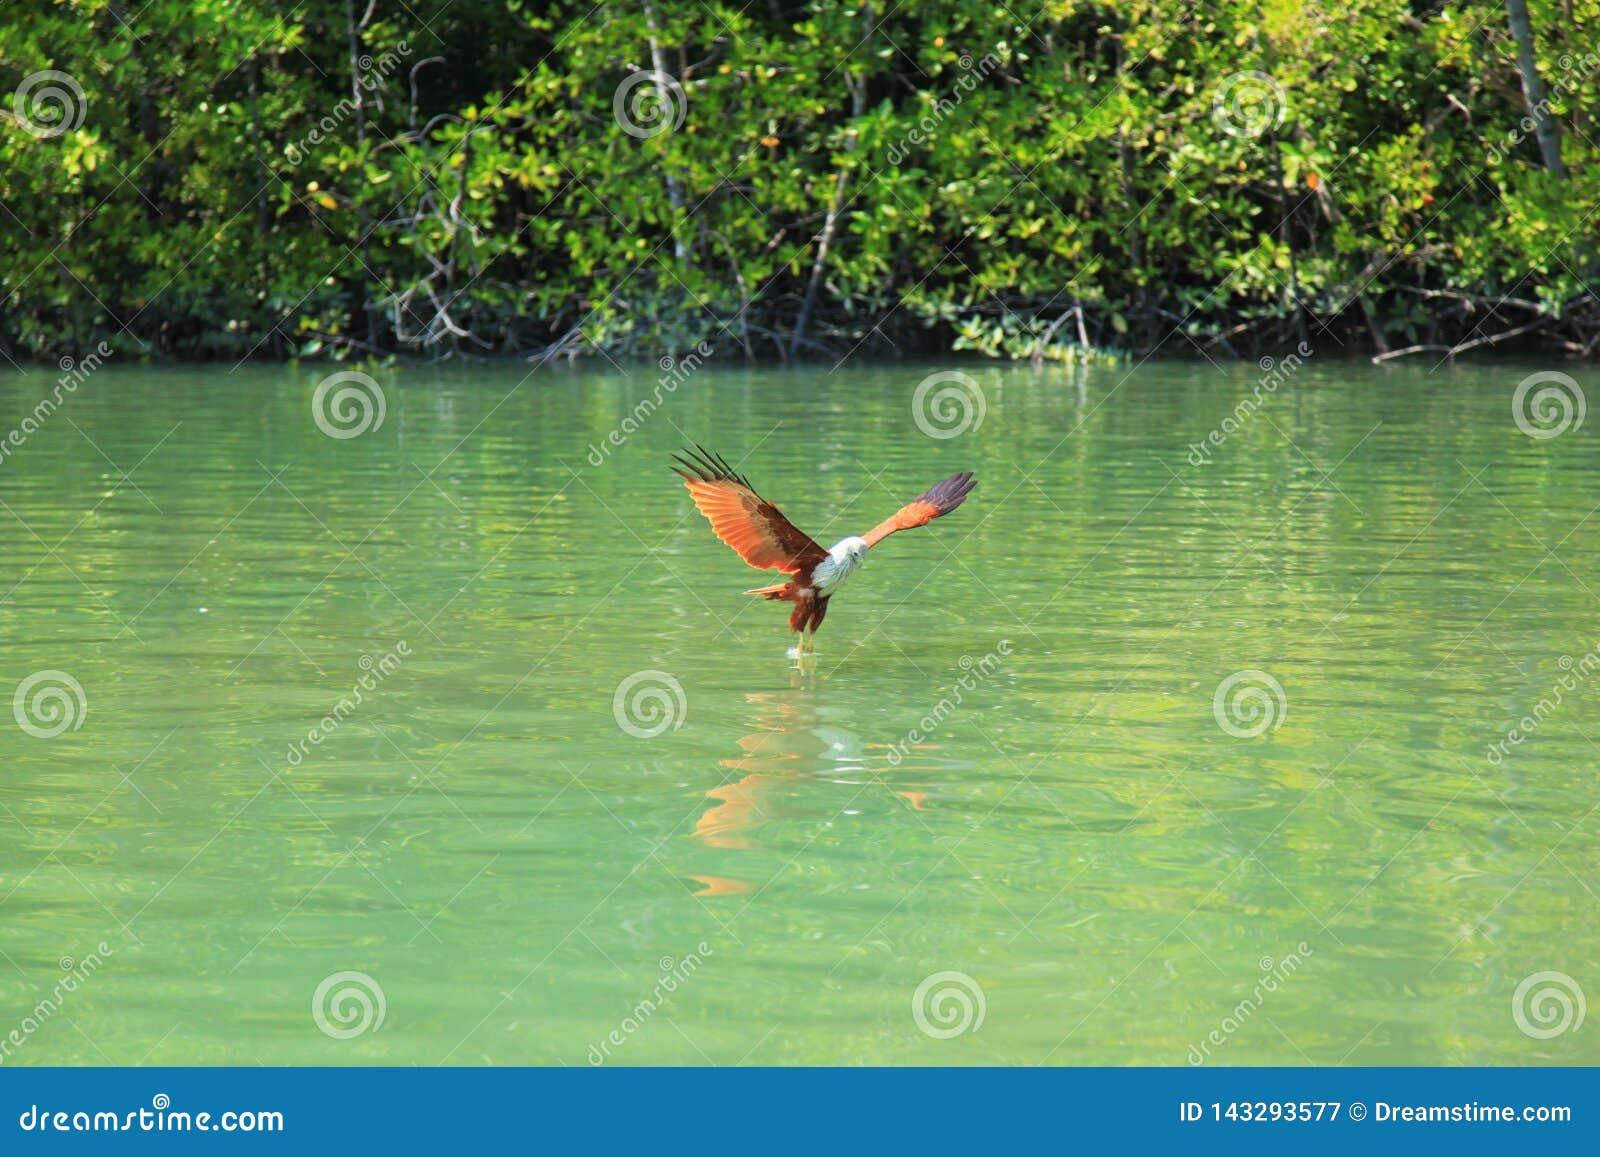 Eagle avec principal blanc vole au-dessus d une rivière Green sur le fond des arbres verts